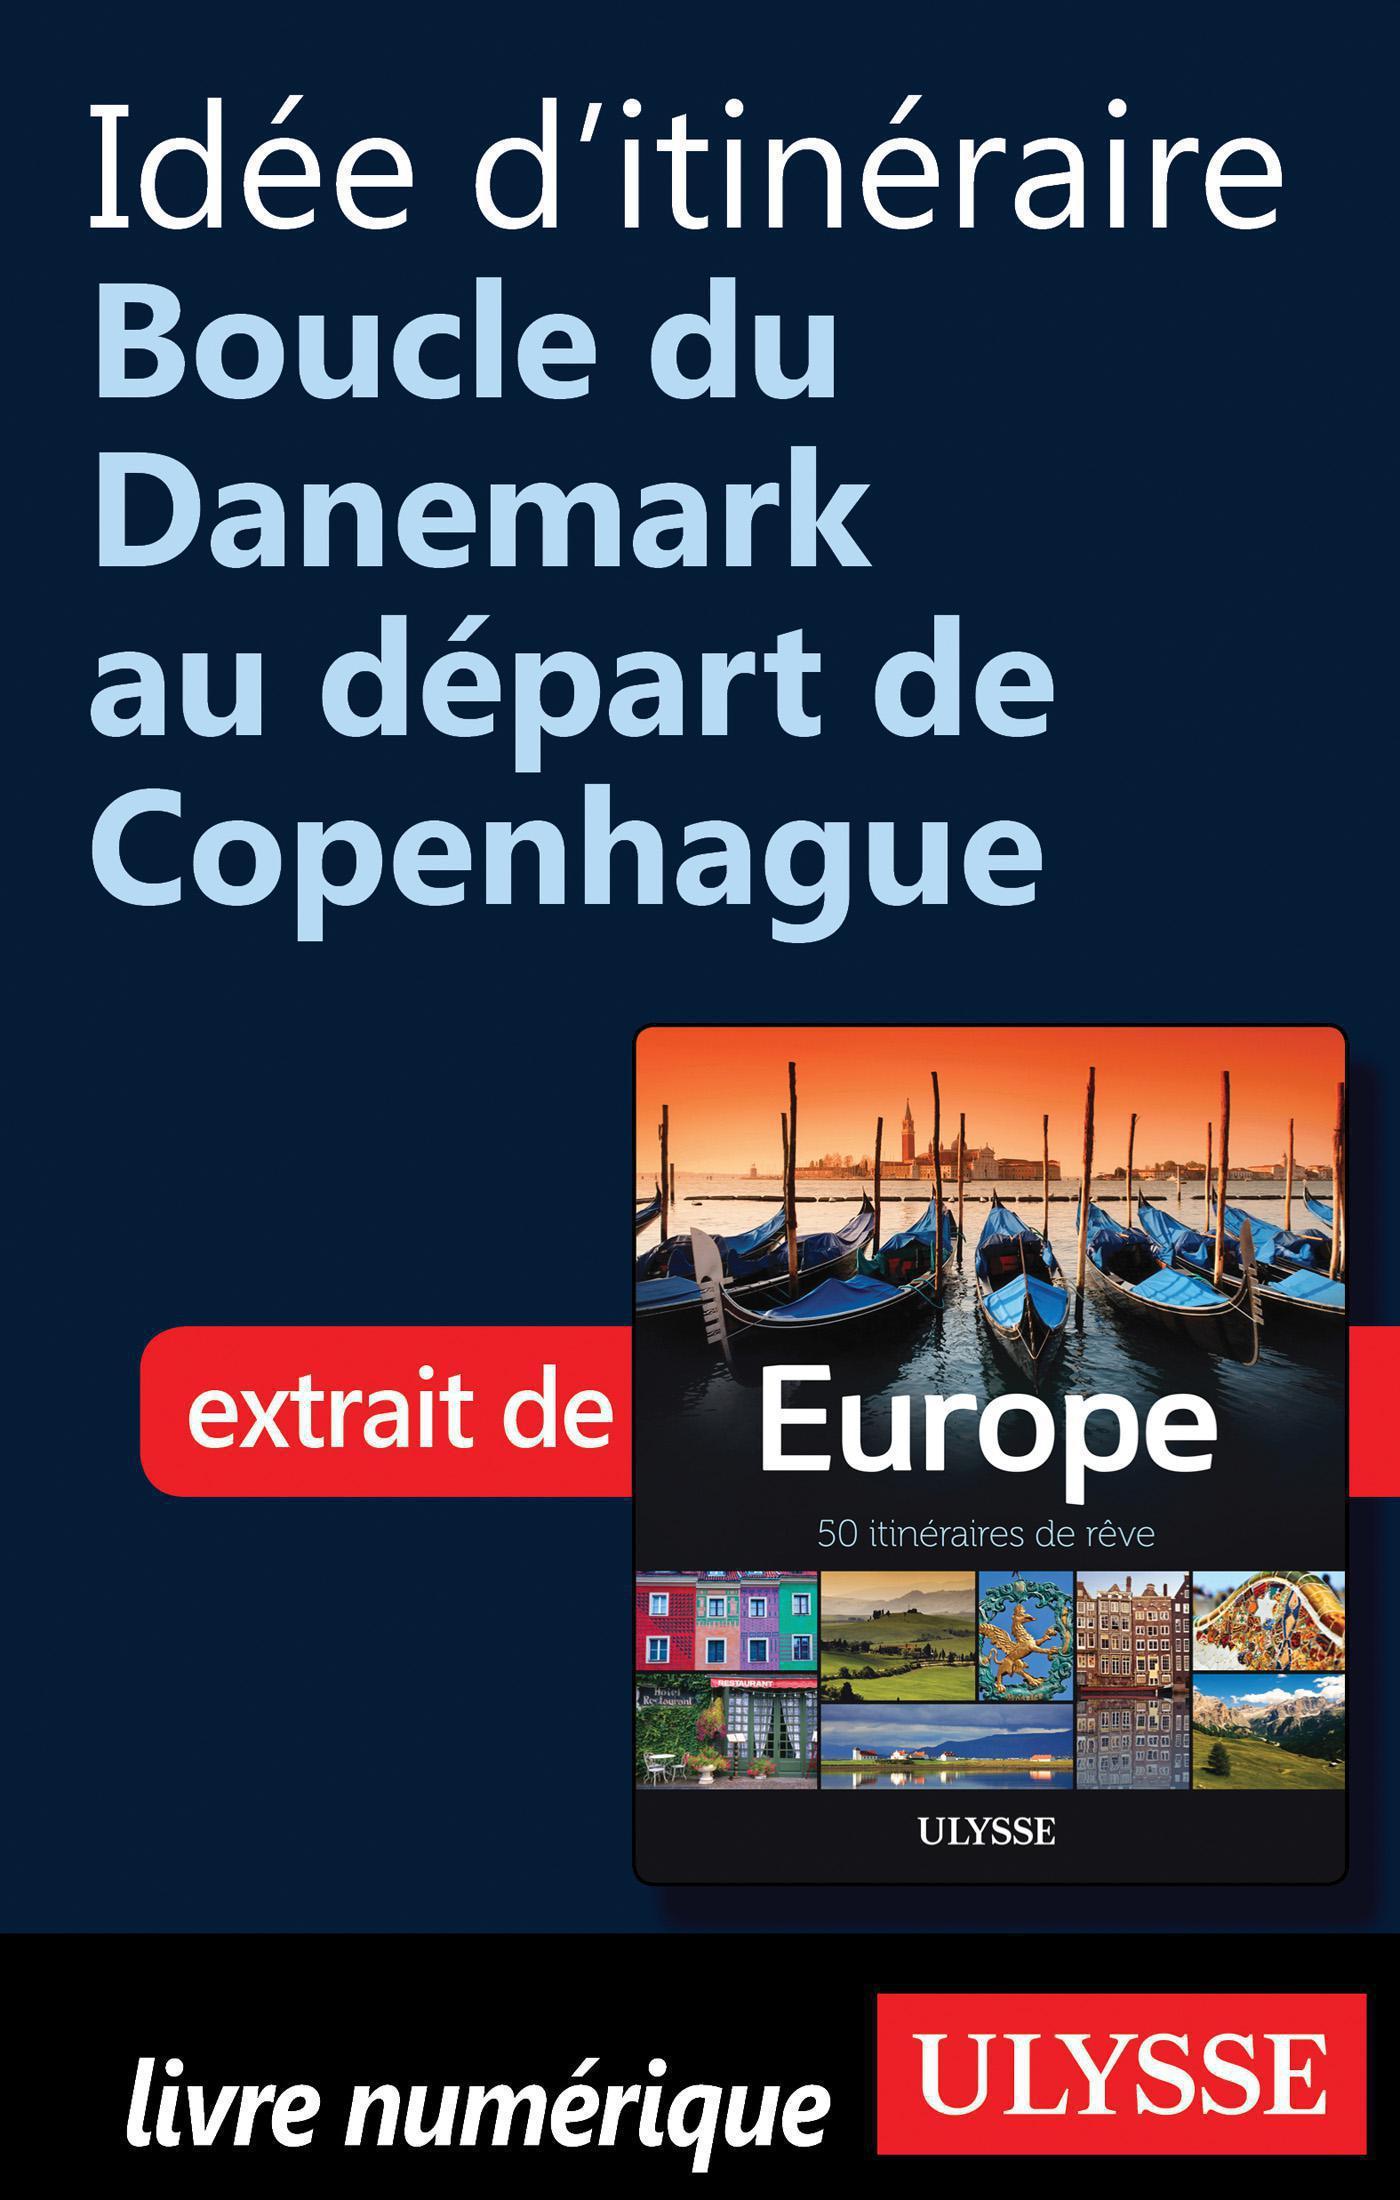 Idée d'itinéraire Boucle du Danemark au départ de Copenhague